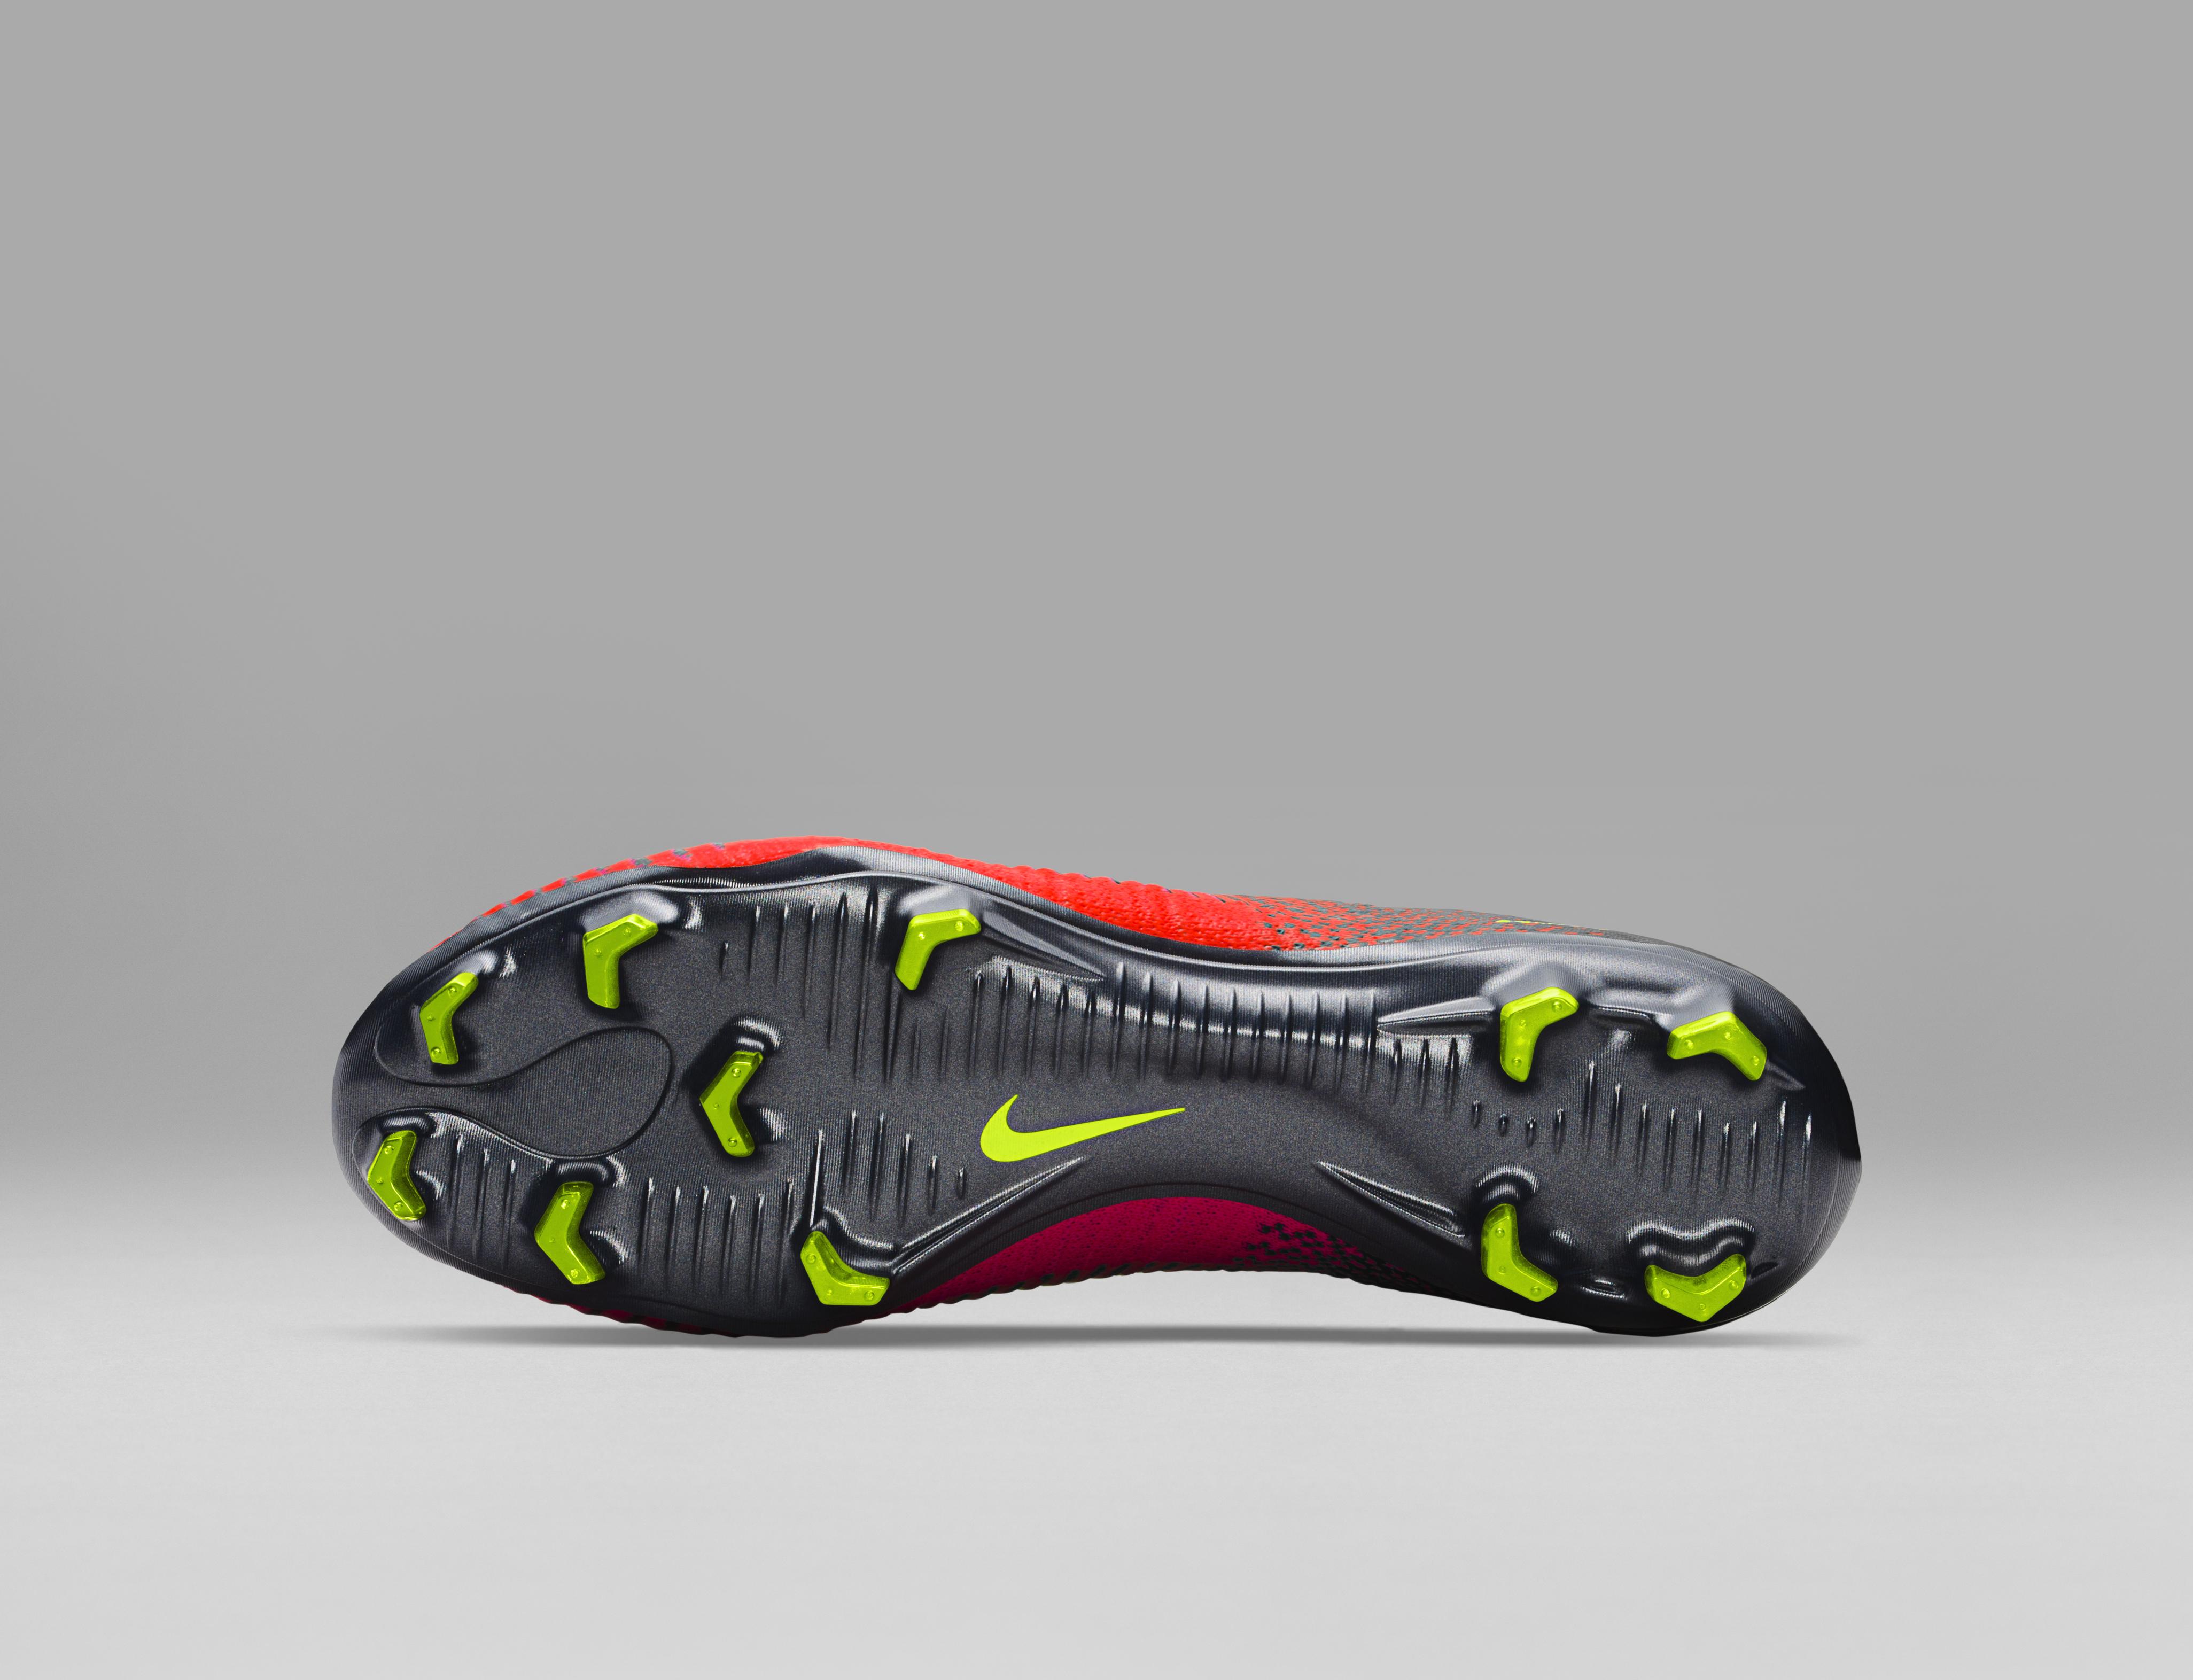 Scarpe da calcio Nike Spark Brillance Pack  la collezione per Euro ... 9232dd590c1